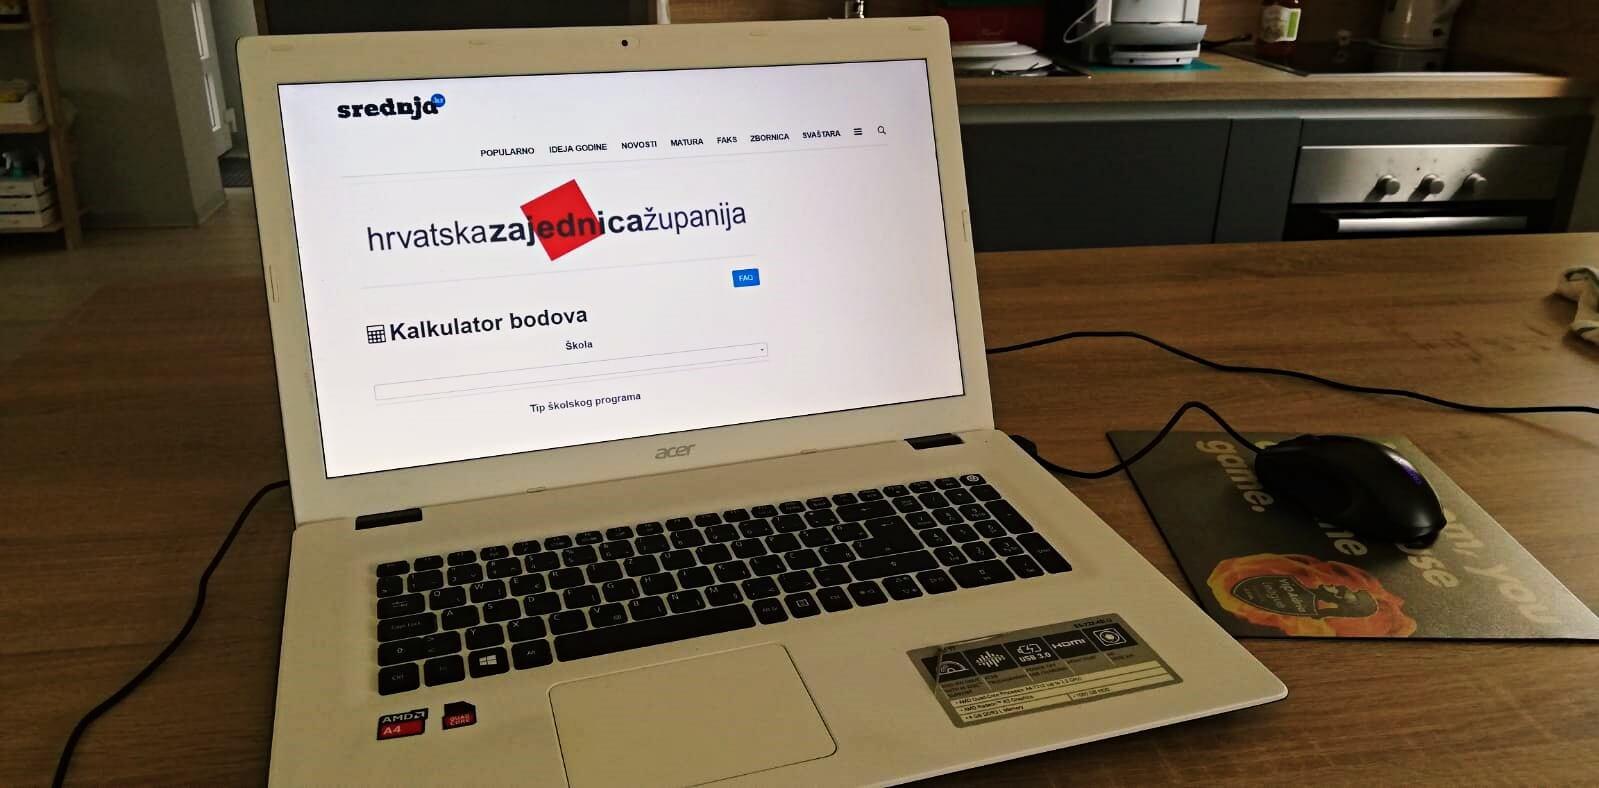 Preko 250.000 ljudi se informiralo o srednjoj školi pomoću našeg novog alata